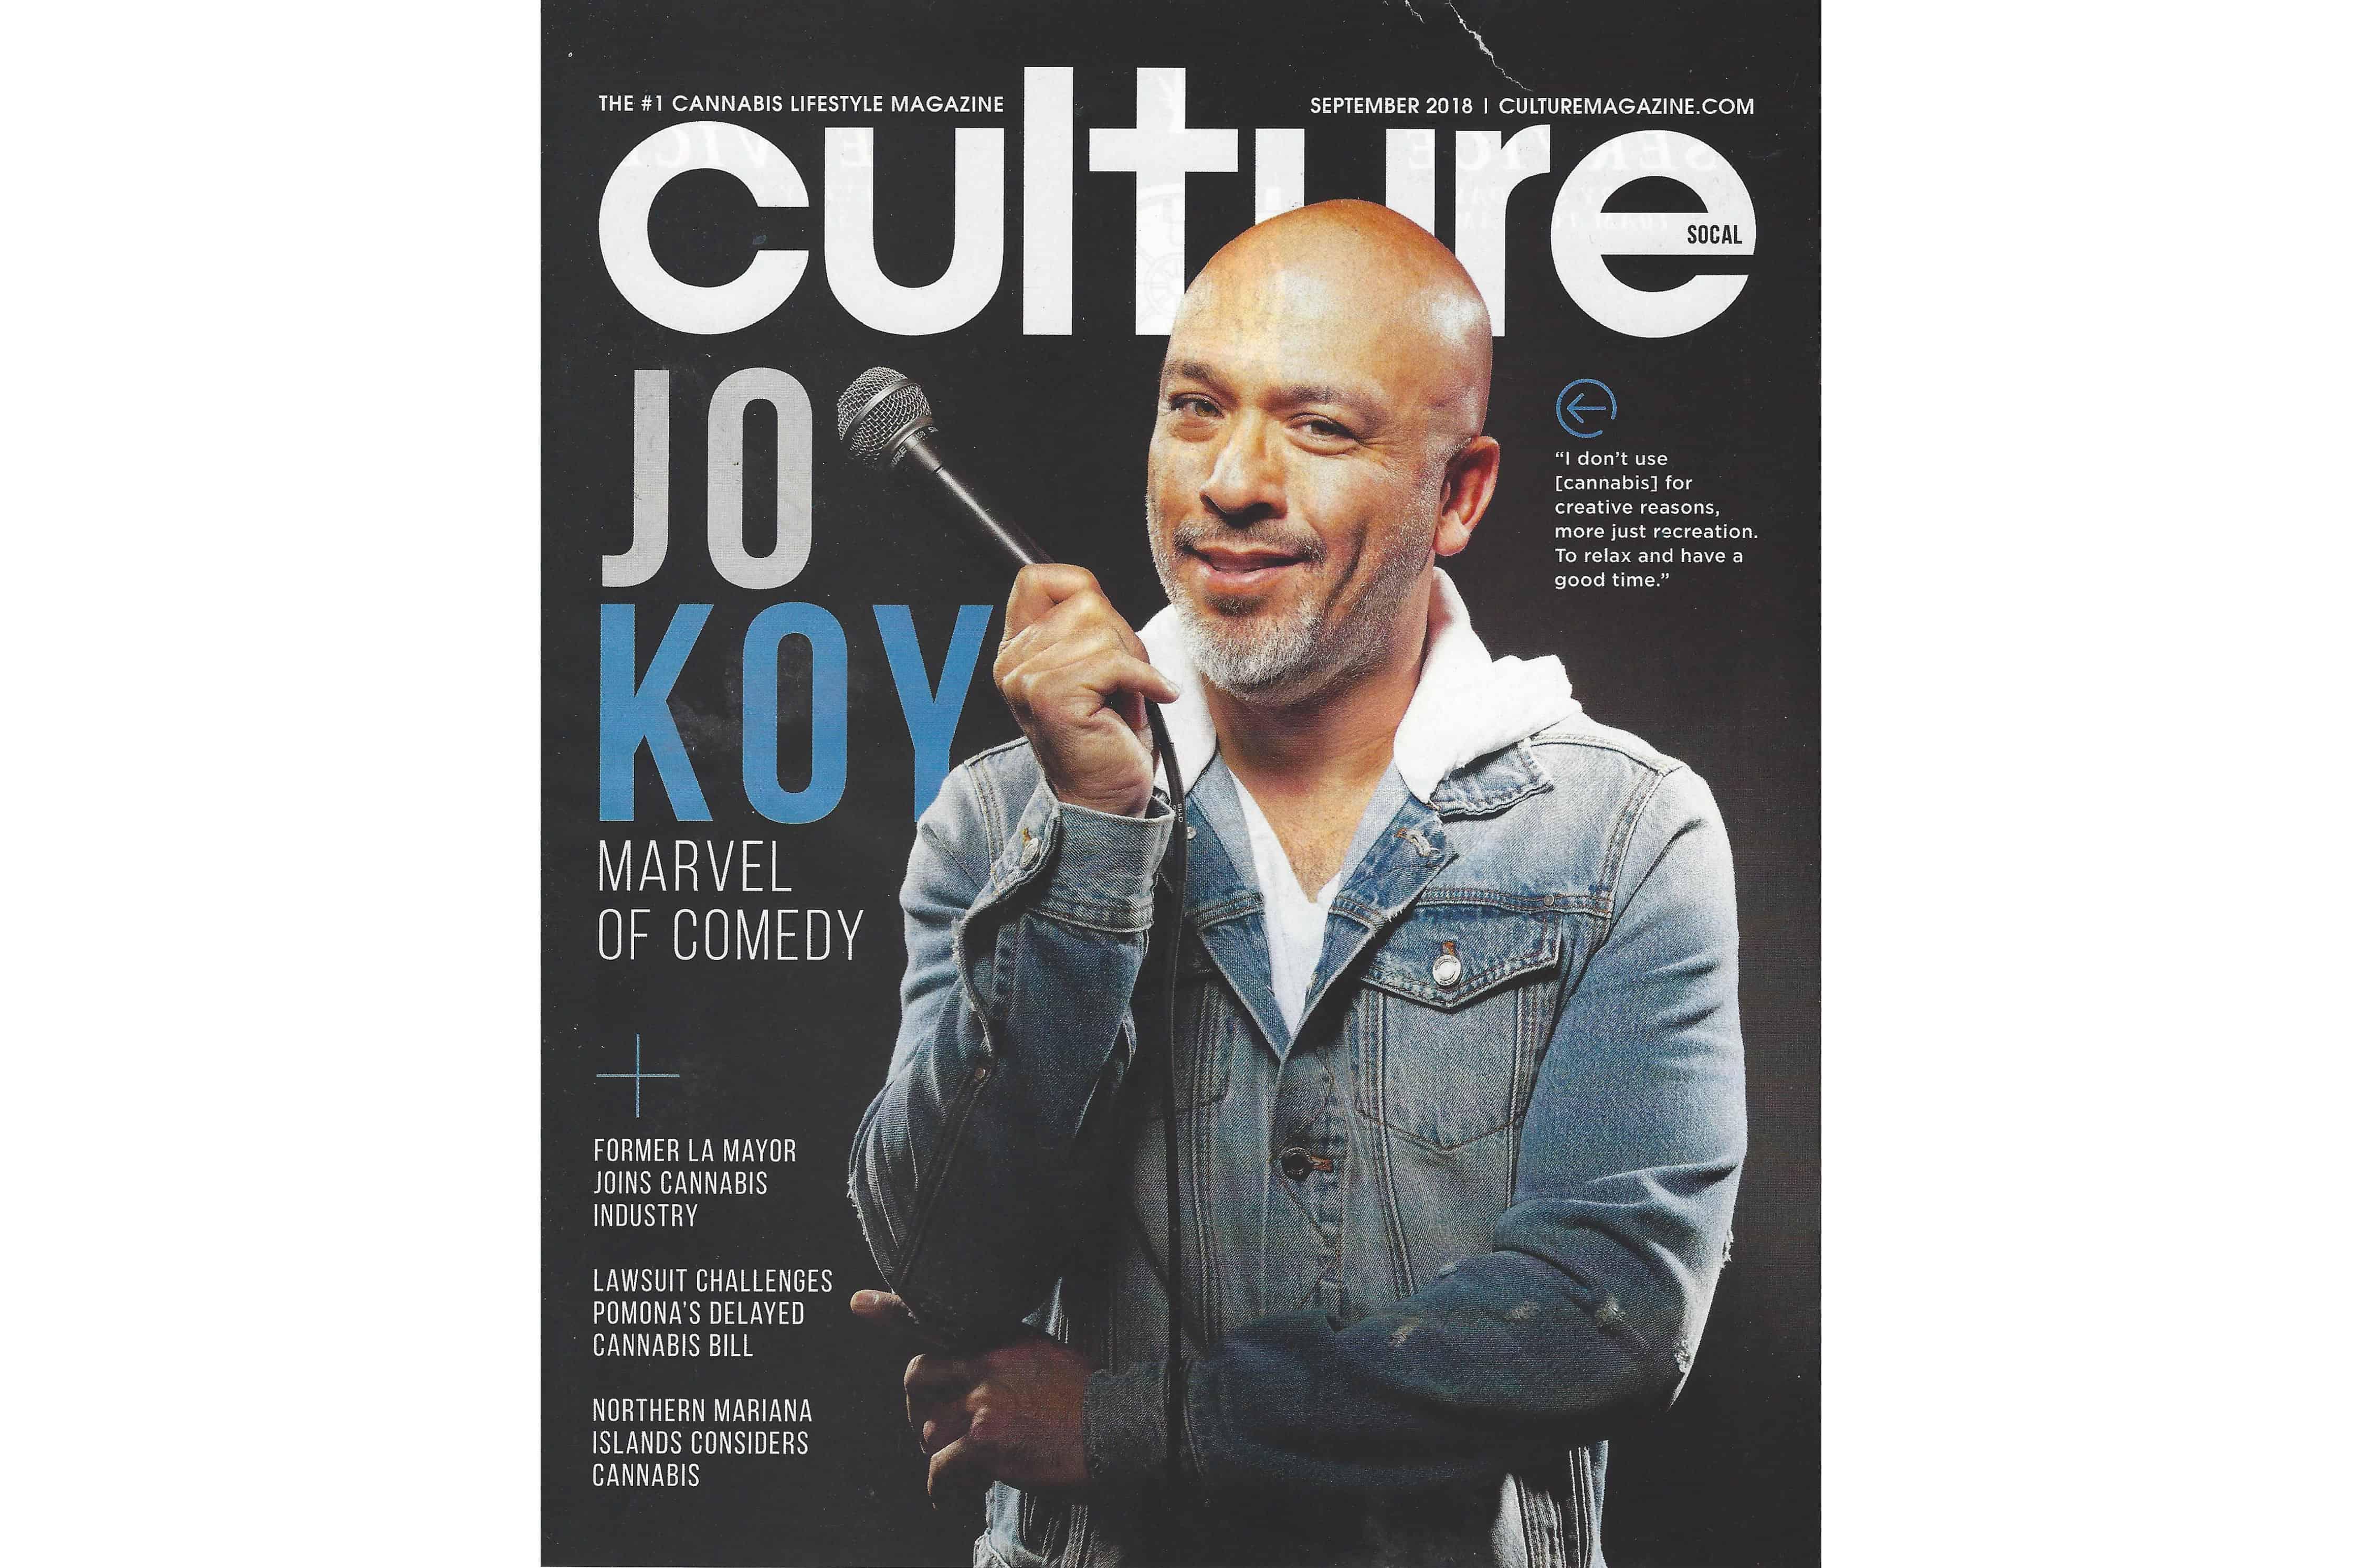 【最新・大麻雑誌】 -CULTURE-  カルチャー 2018年9月号